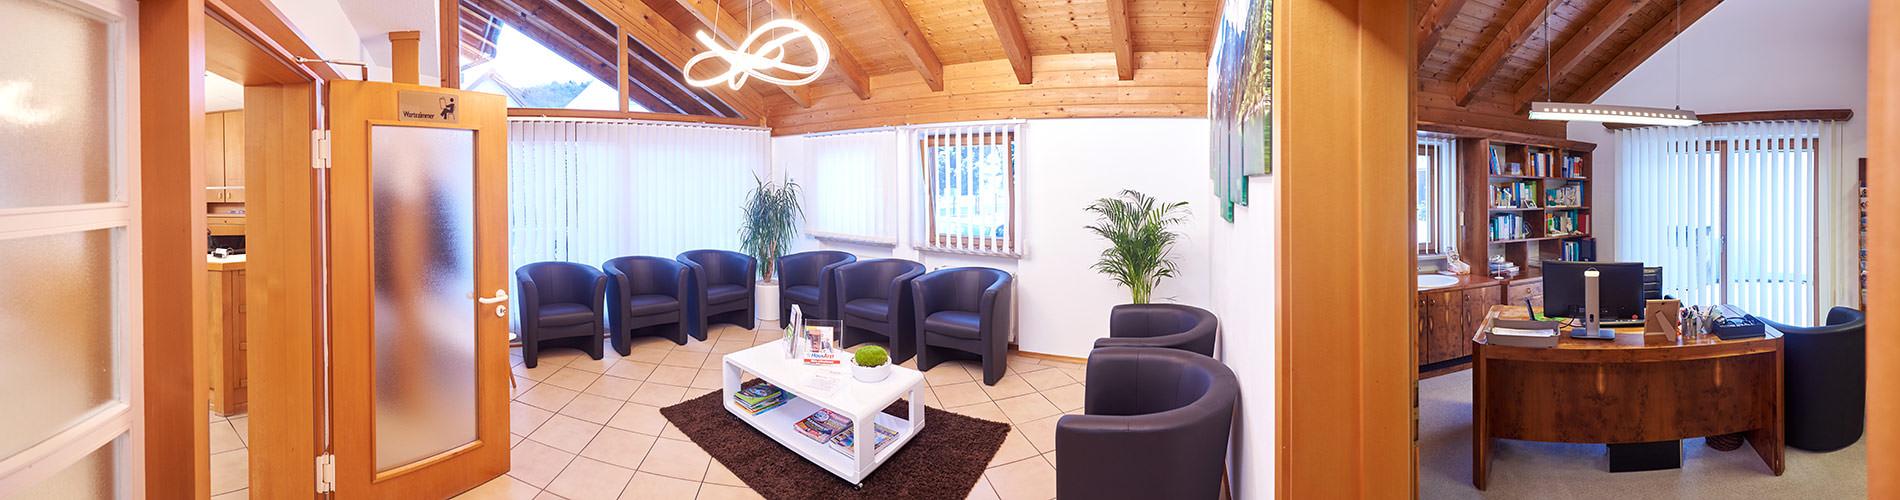 Hausarztpraxis Altenstadt an der Iller – Dr. Gabor Csuka – Allgemeinmedizin Wartezimmer